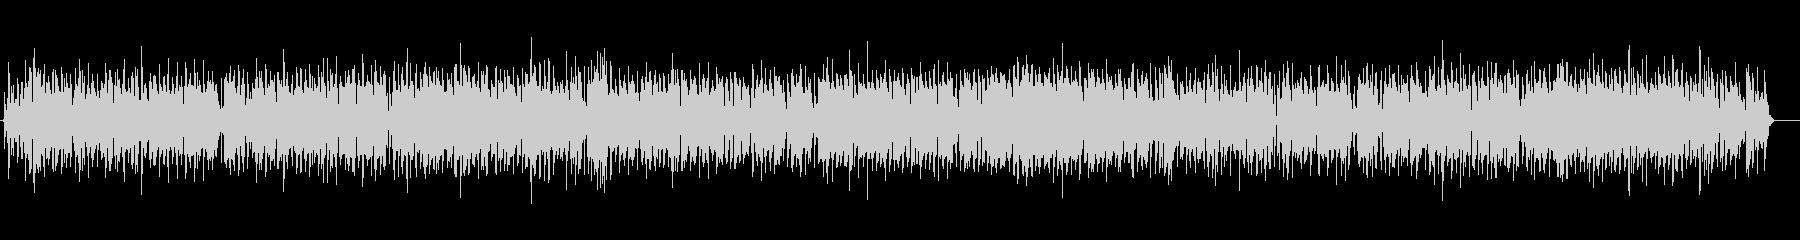 クラリネットの明るく陽気なBGMの未再生の波形